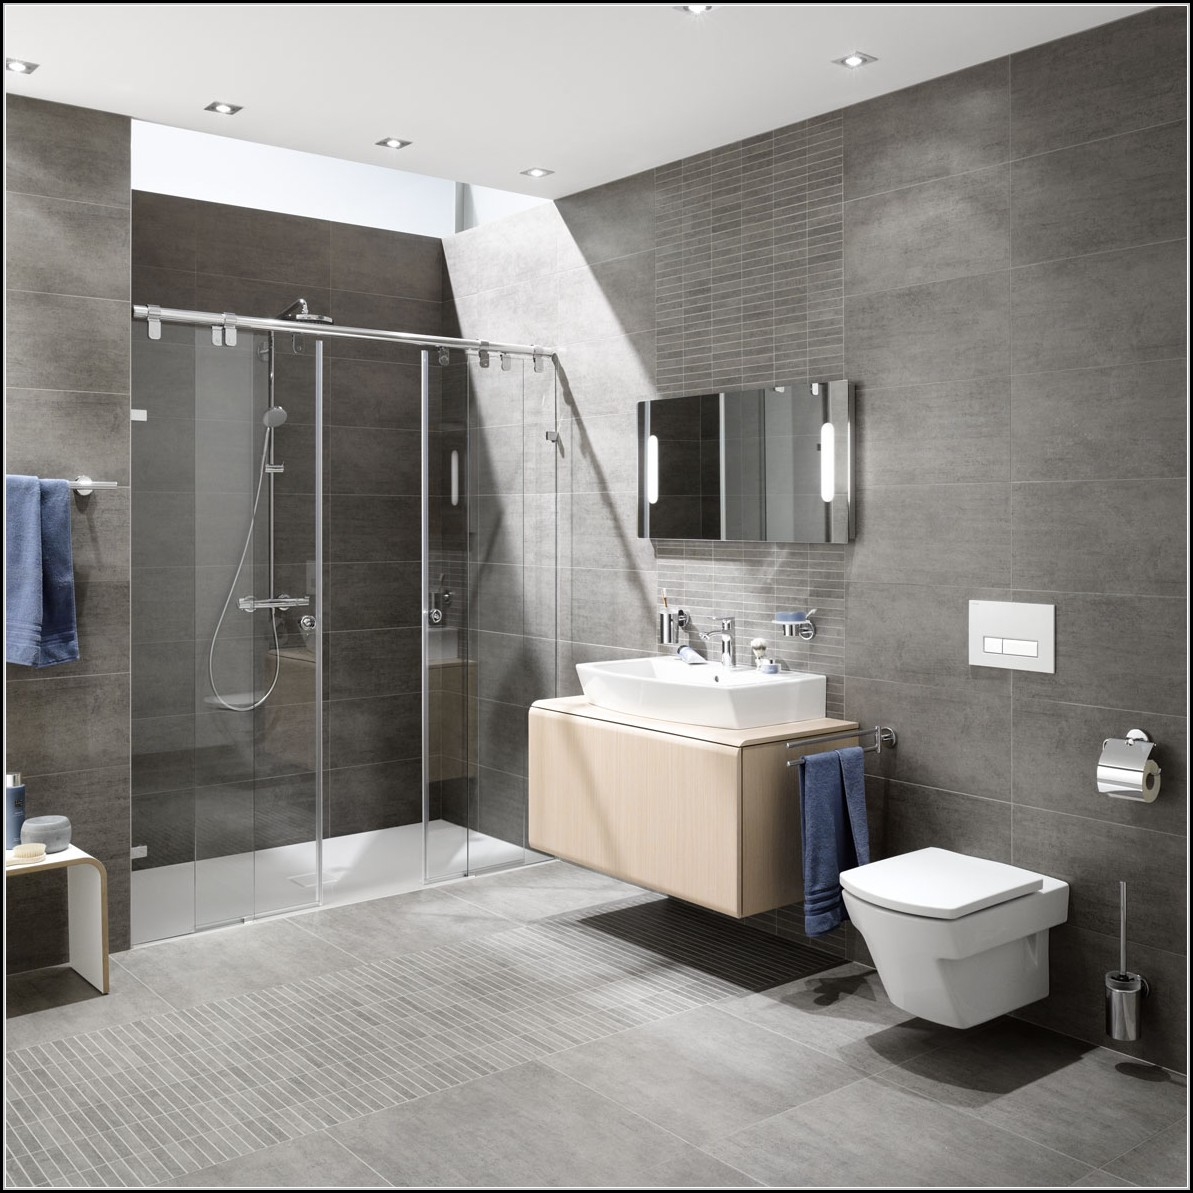 badezimmer fliesen design  fliesen  house und dekor